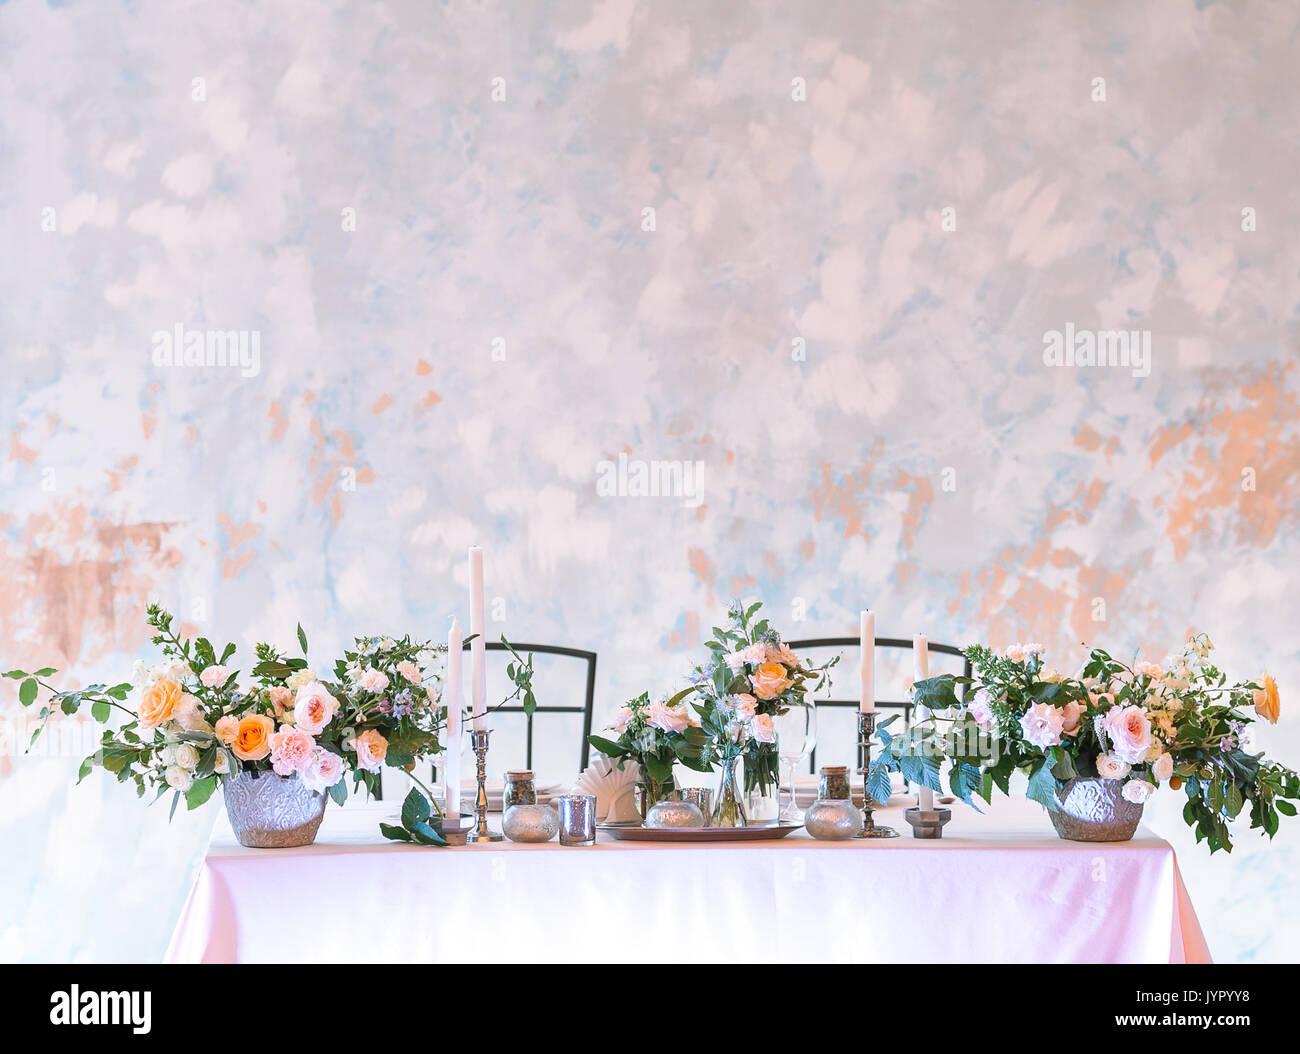 La Disposizione, Il Matrimonio, Il Concetto Di Design. Splendida  Impostazione Tabella Per Due Persona Decorata Con Grandi Mazzi Di Fiori E  Candele In ...